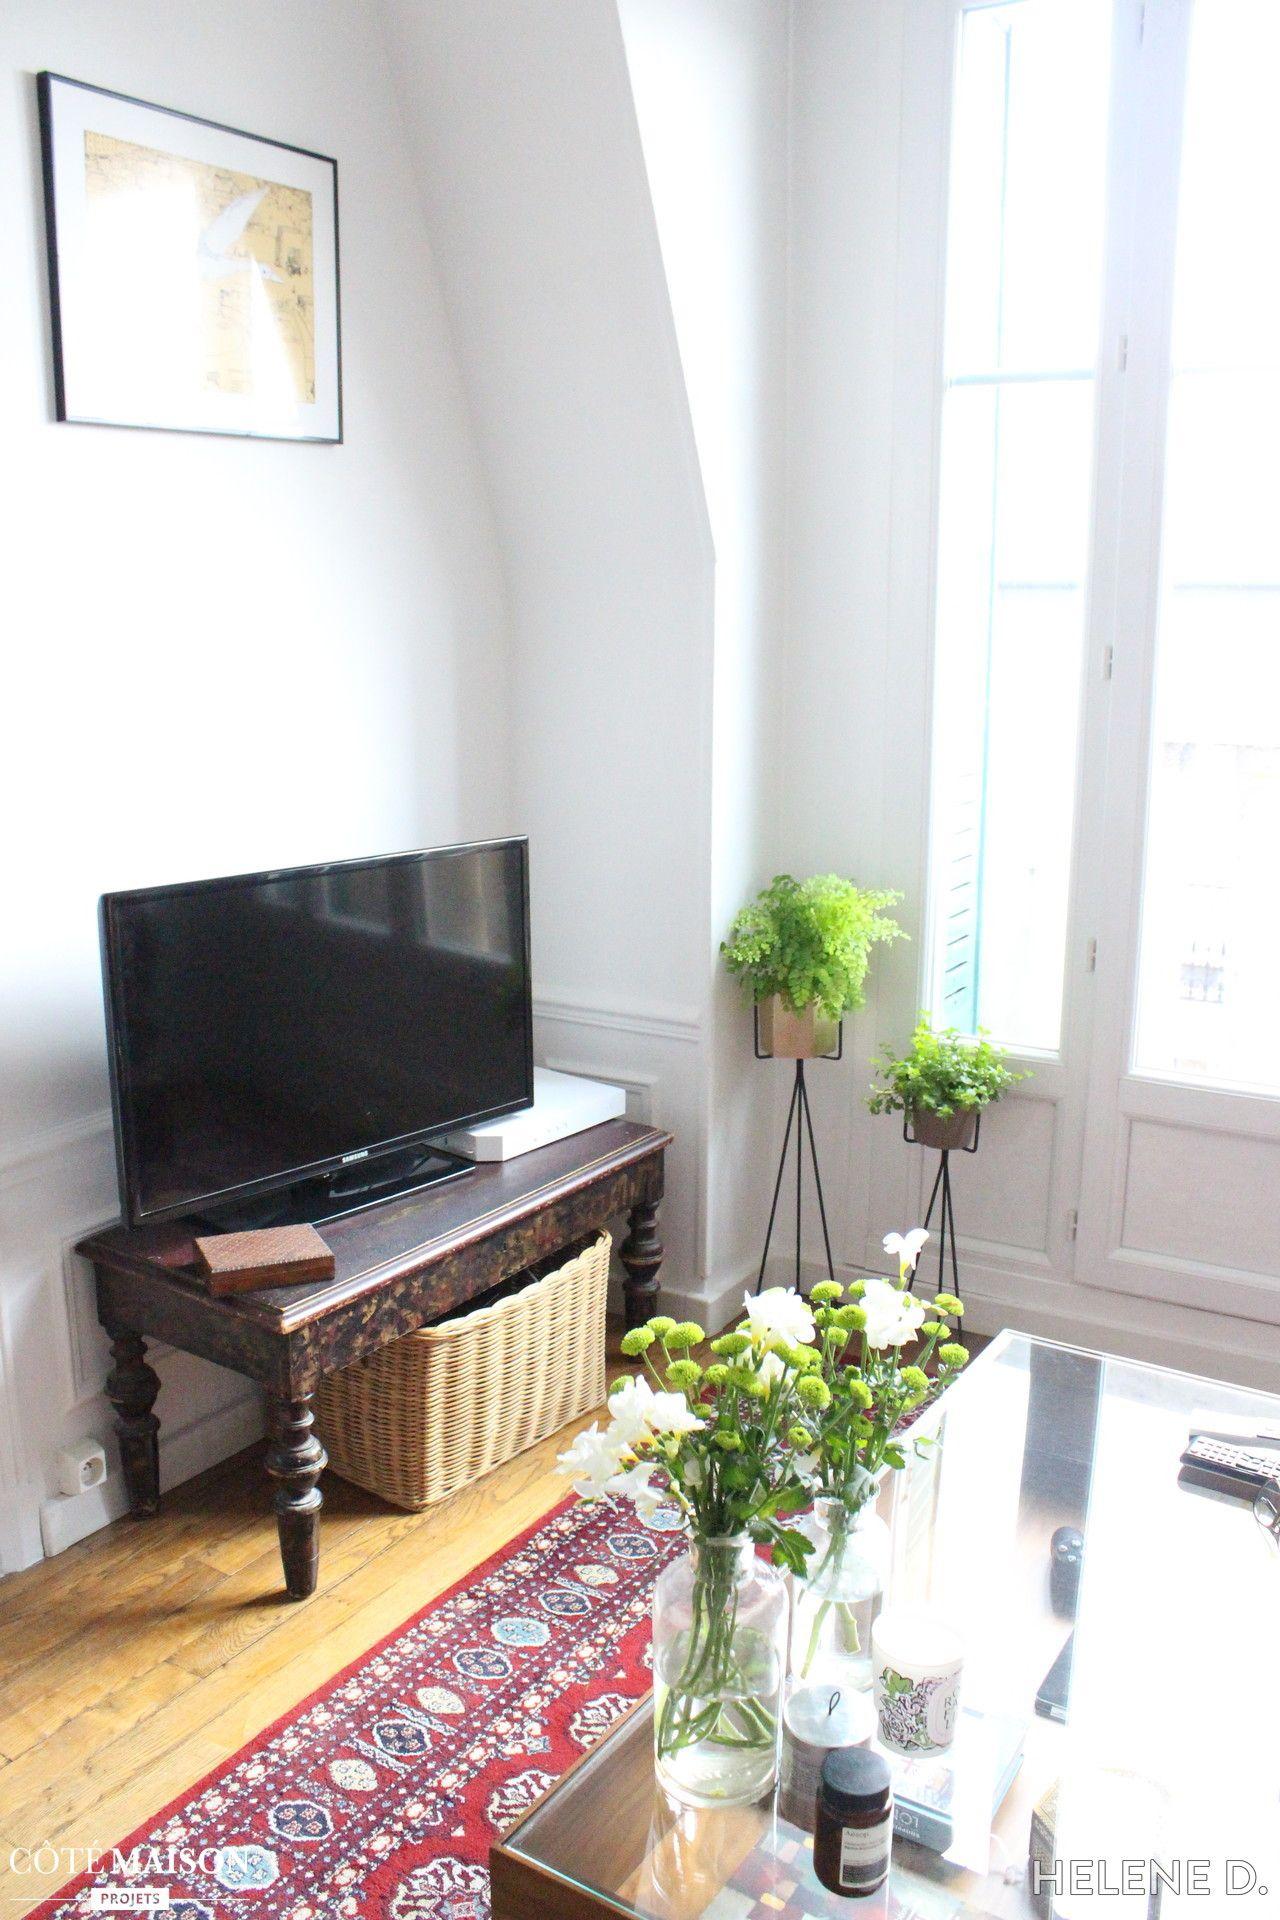 Notre salon de 13m2, Helene D. - Côté Maison | Je décore mon salon ...